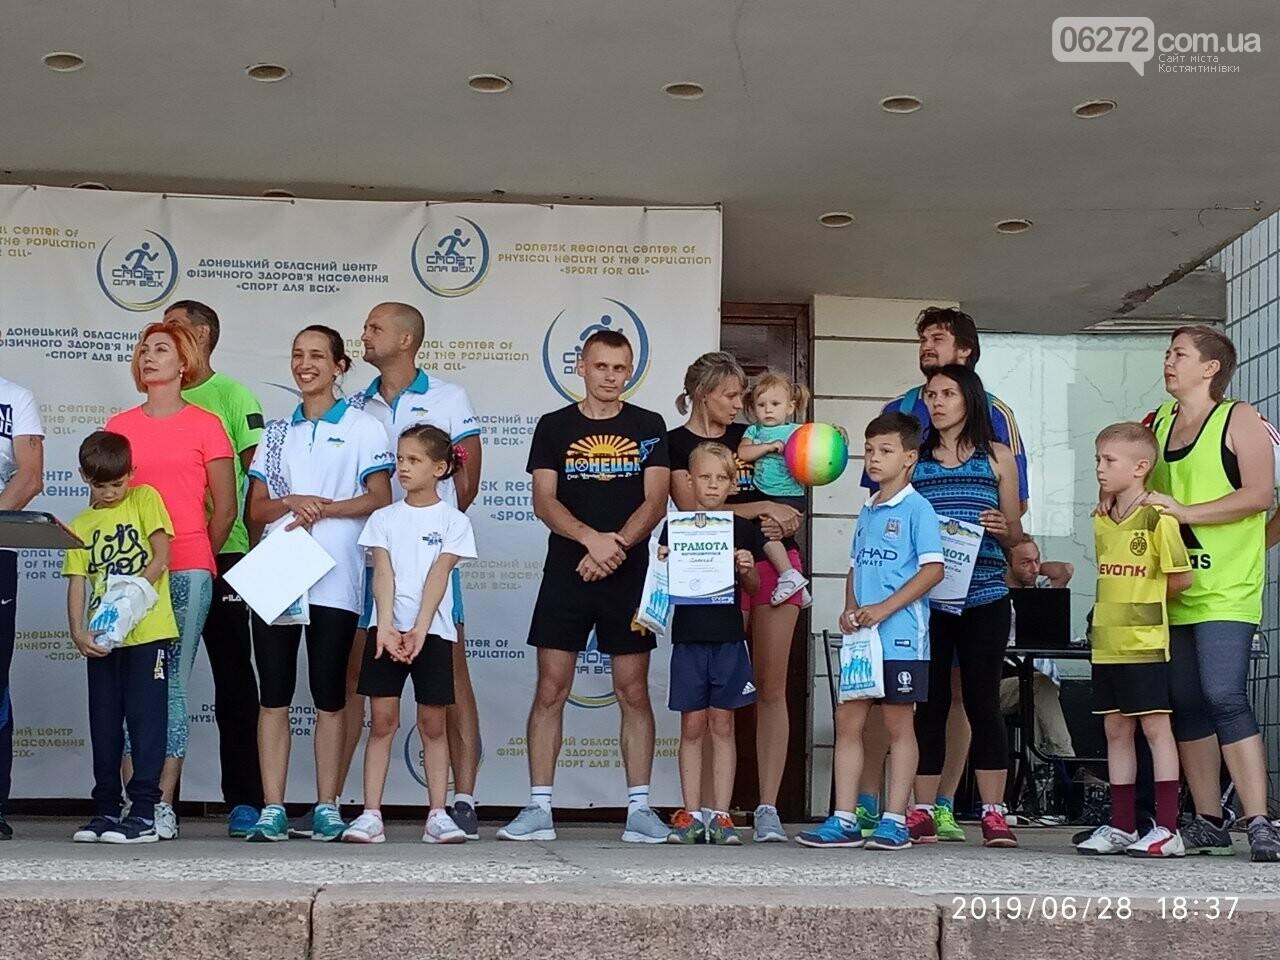 Сім'я із Костянтинівки стала найспортивнішою в Донецькій області, фото-9